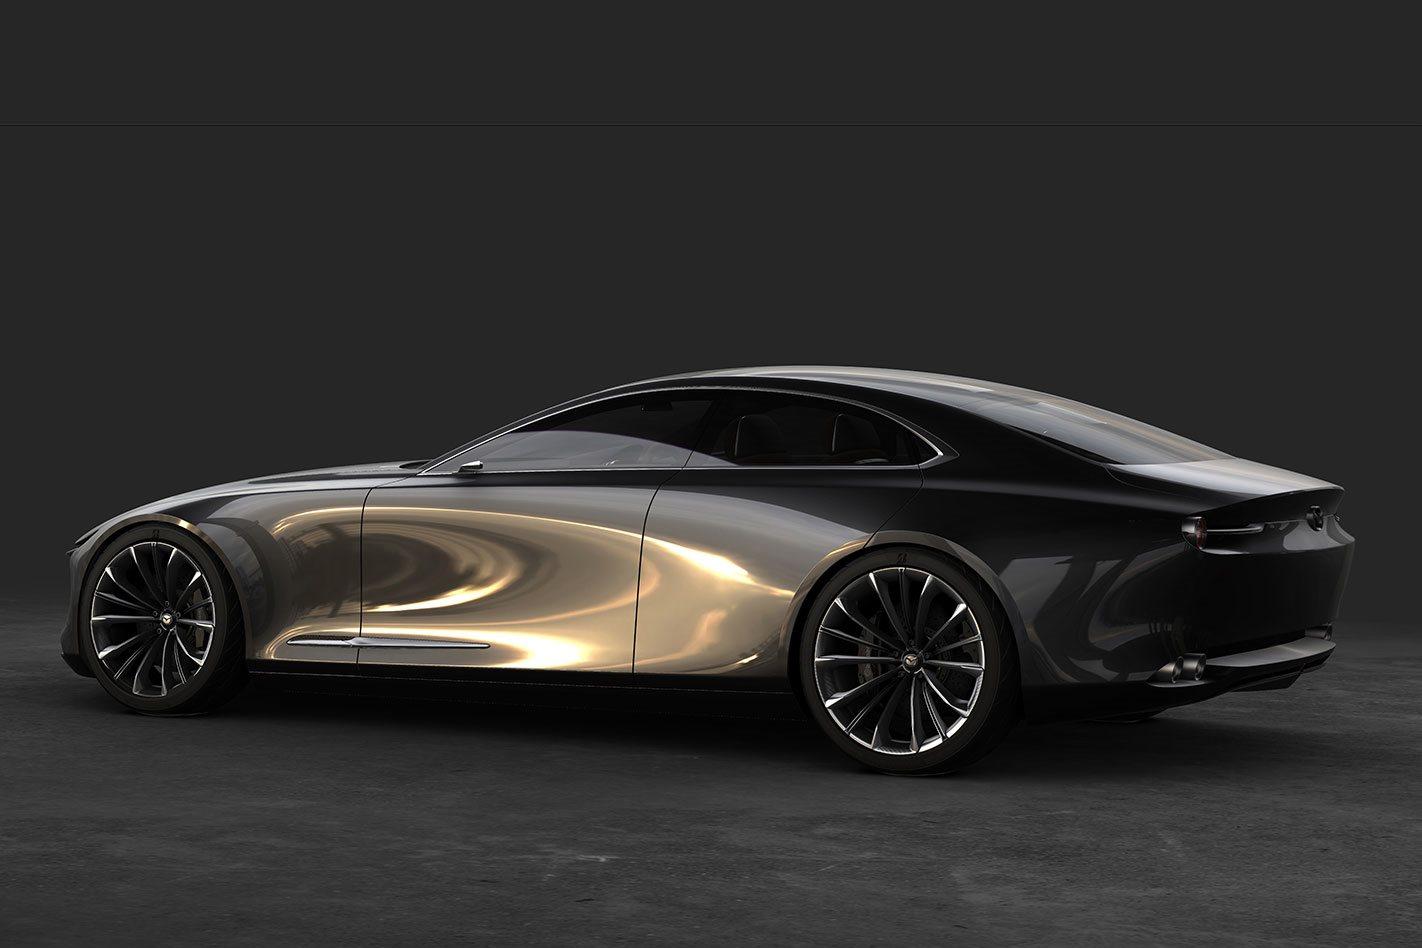 2015 Mazda Vision Coupe concept